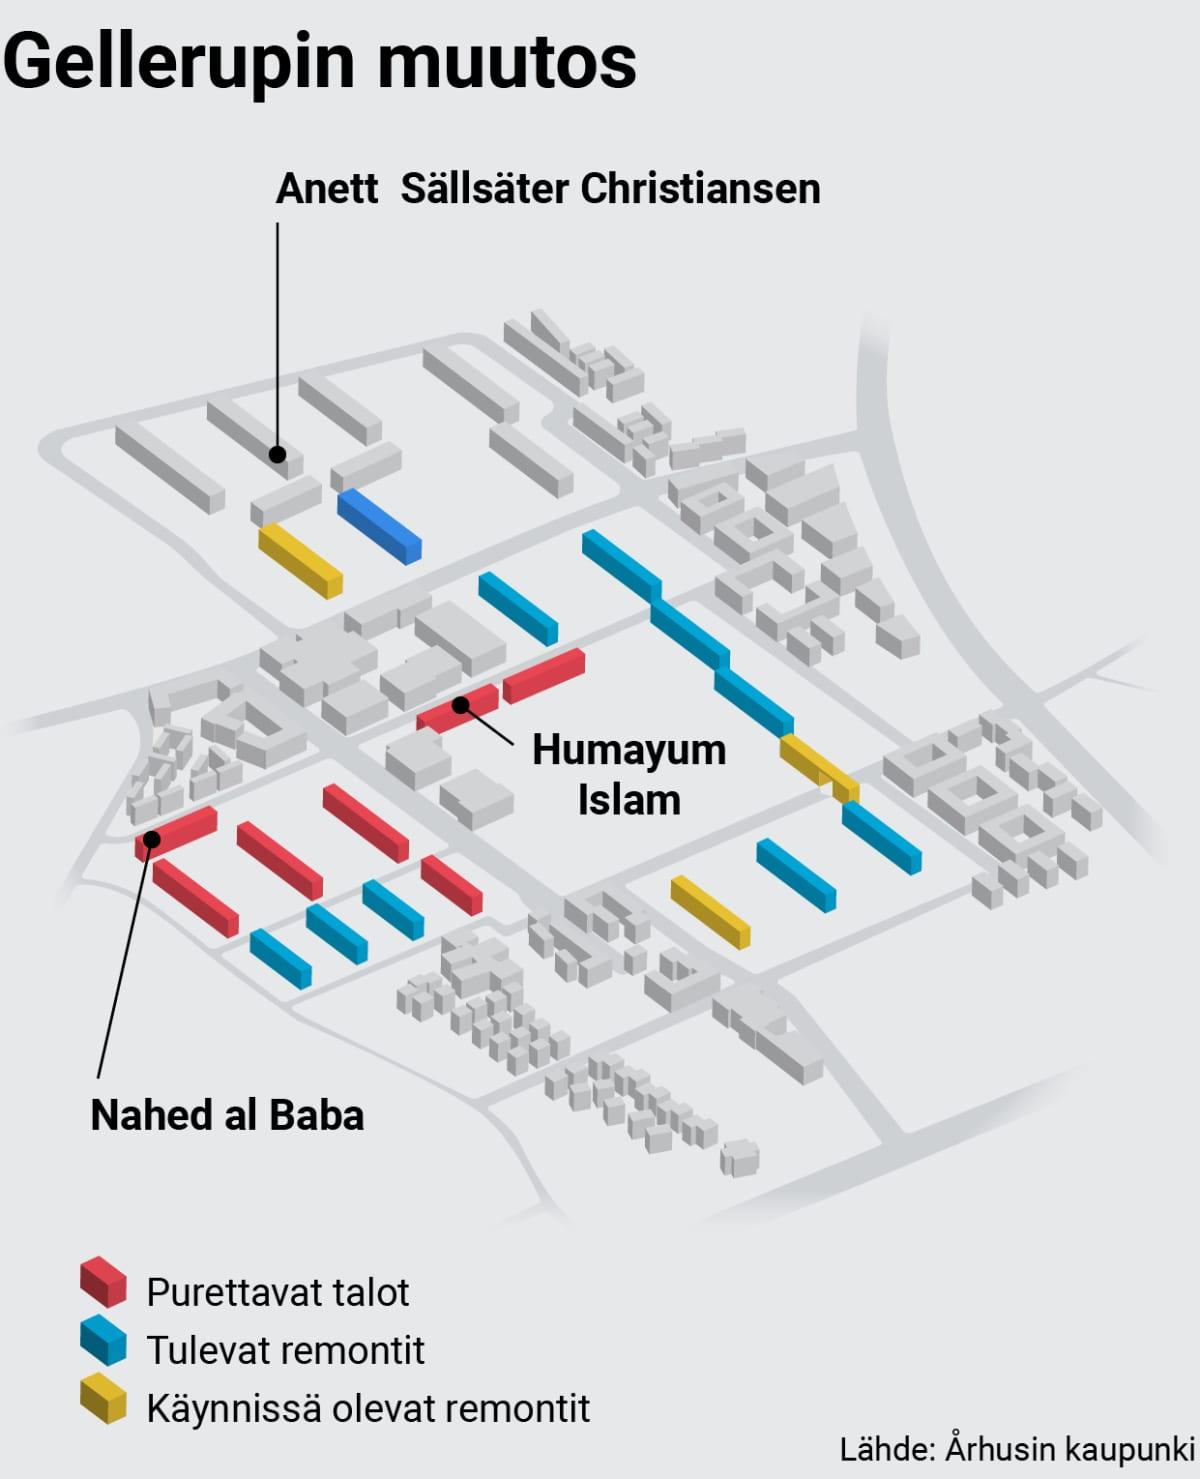 Infokartta Gellerupparkenin ja Toveshöjn kaupunginosista Århusissa.